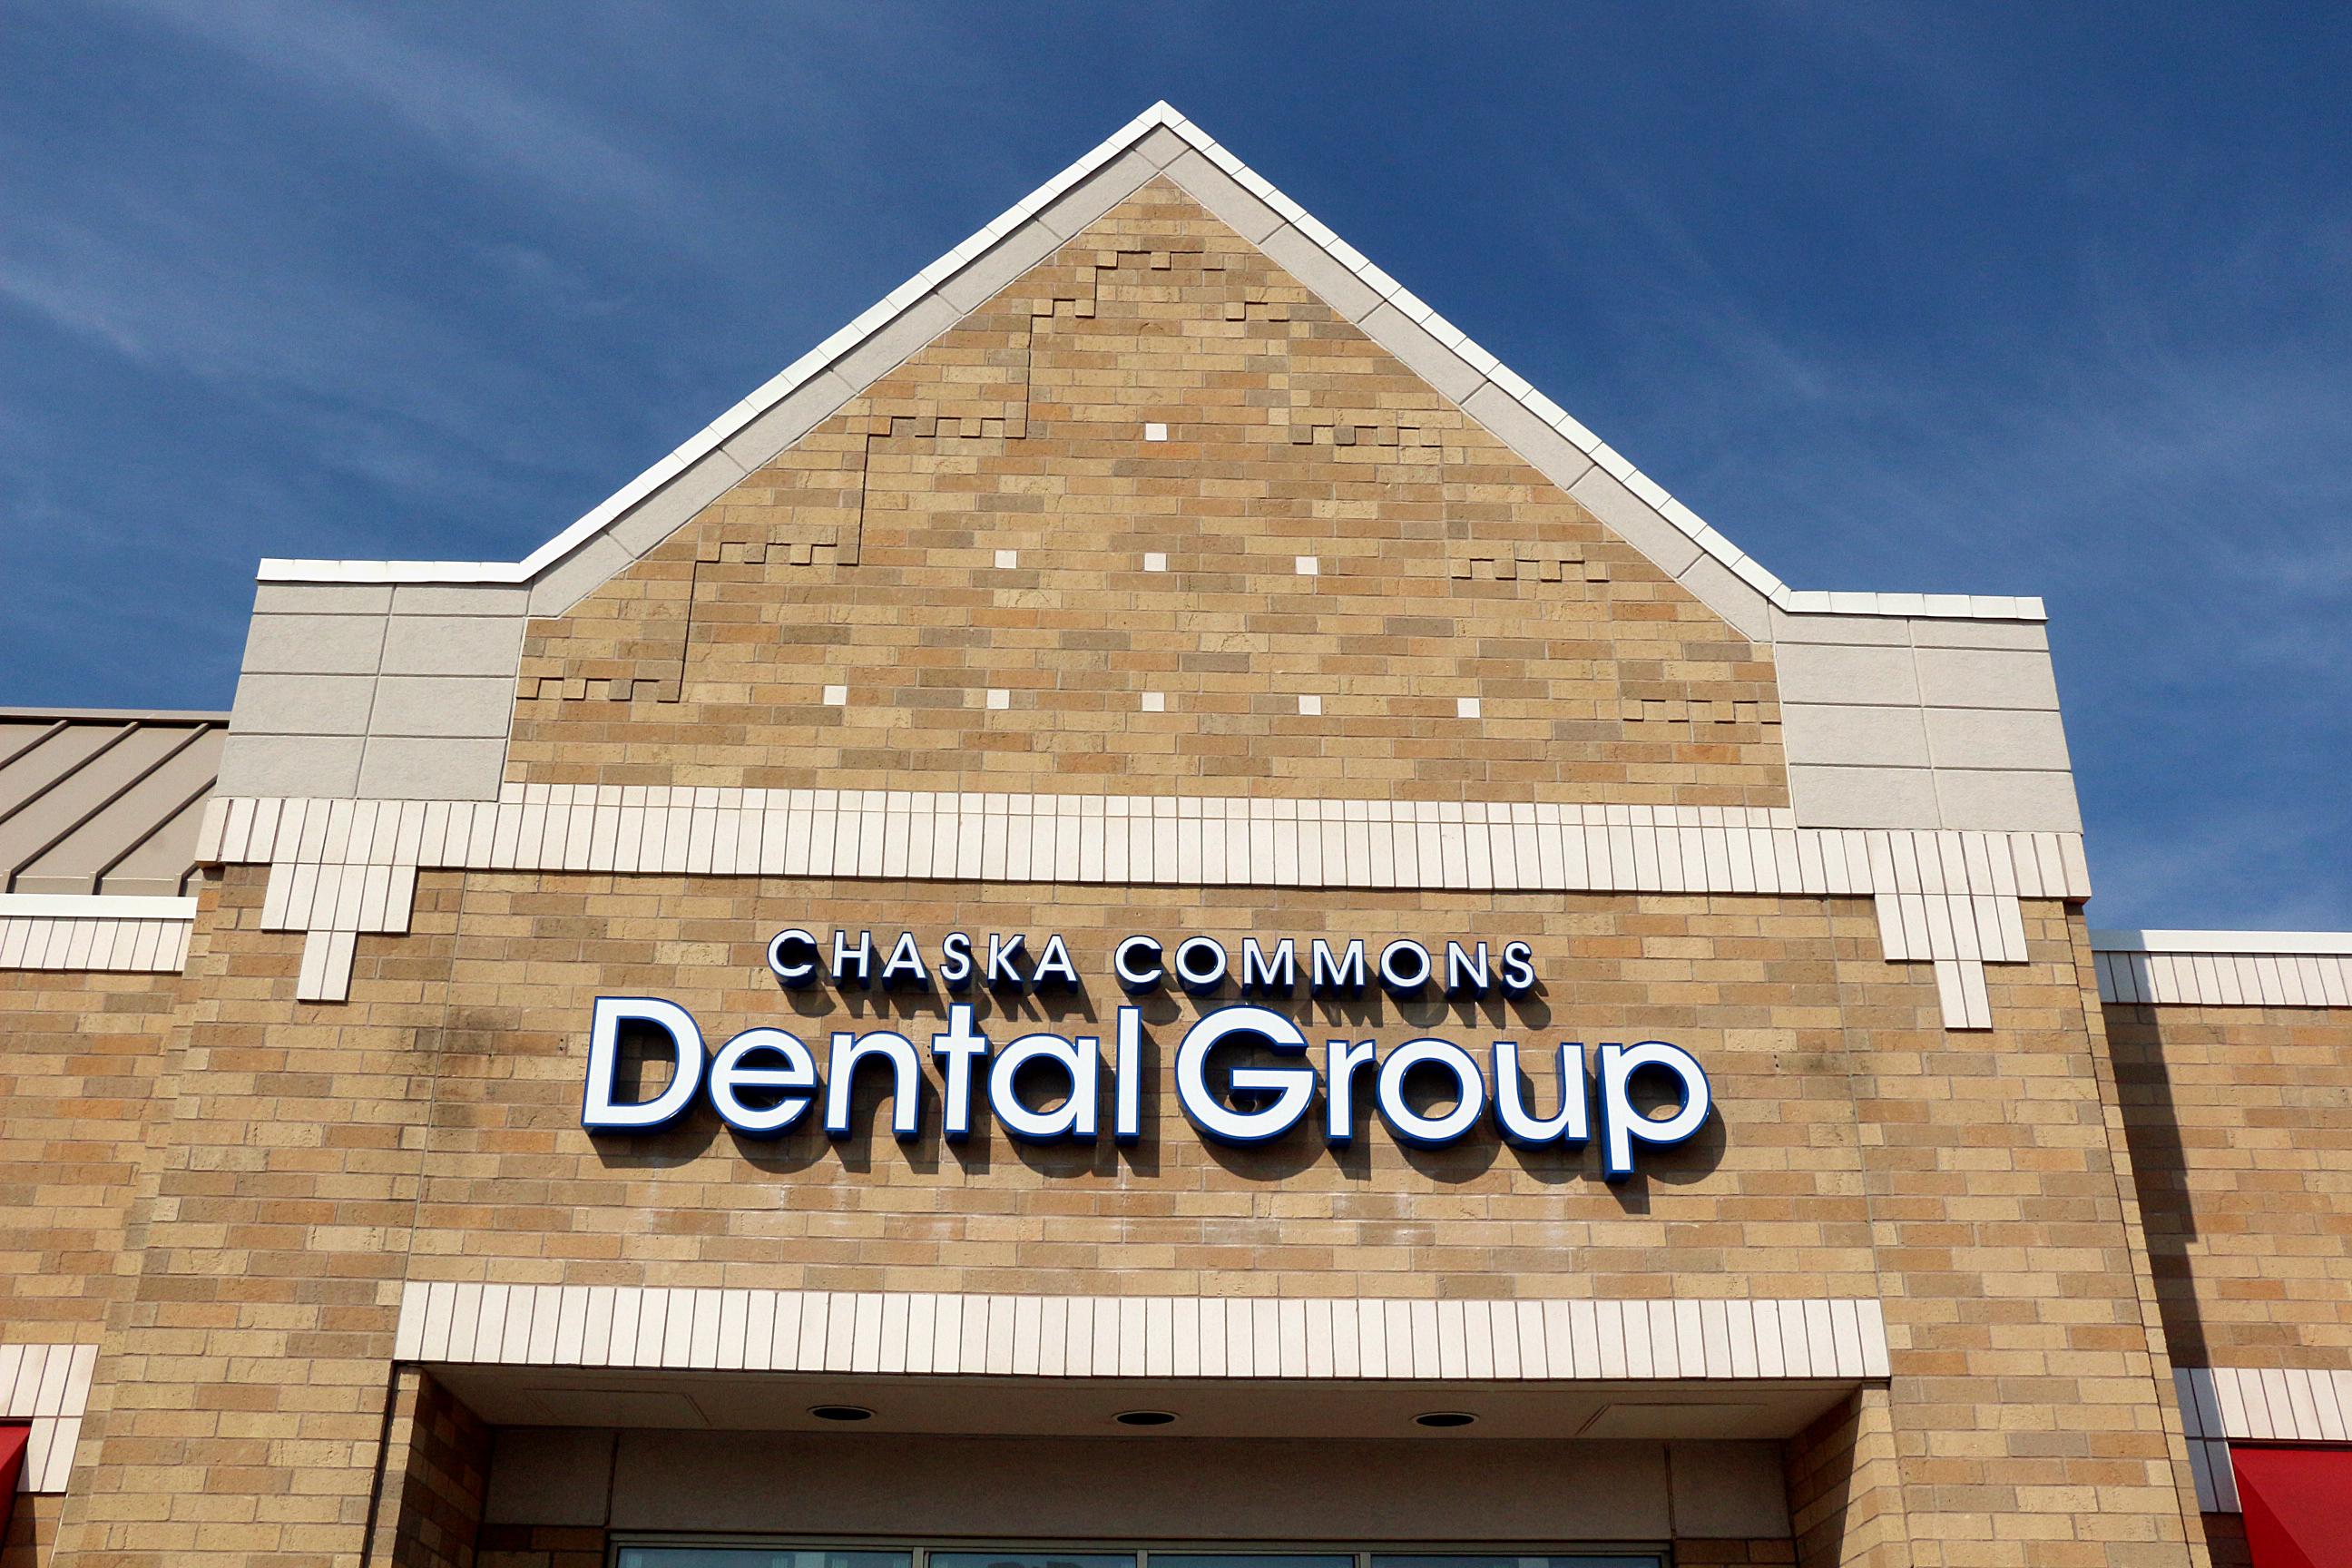 Chaska Commons Dental Group image 0